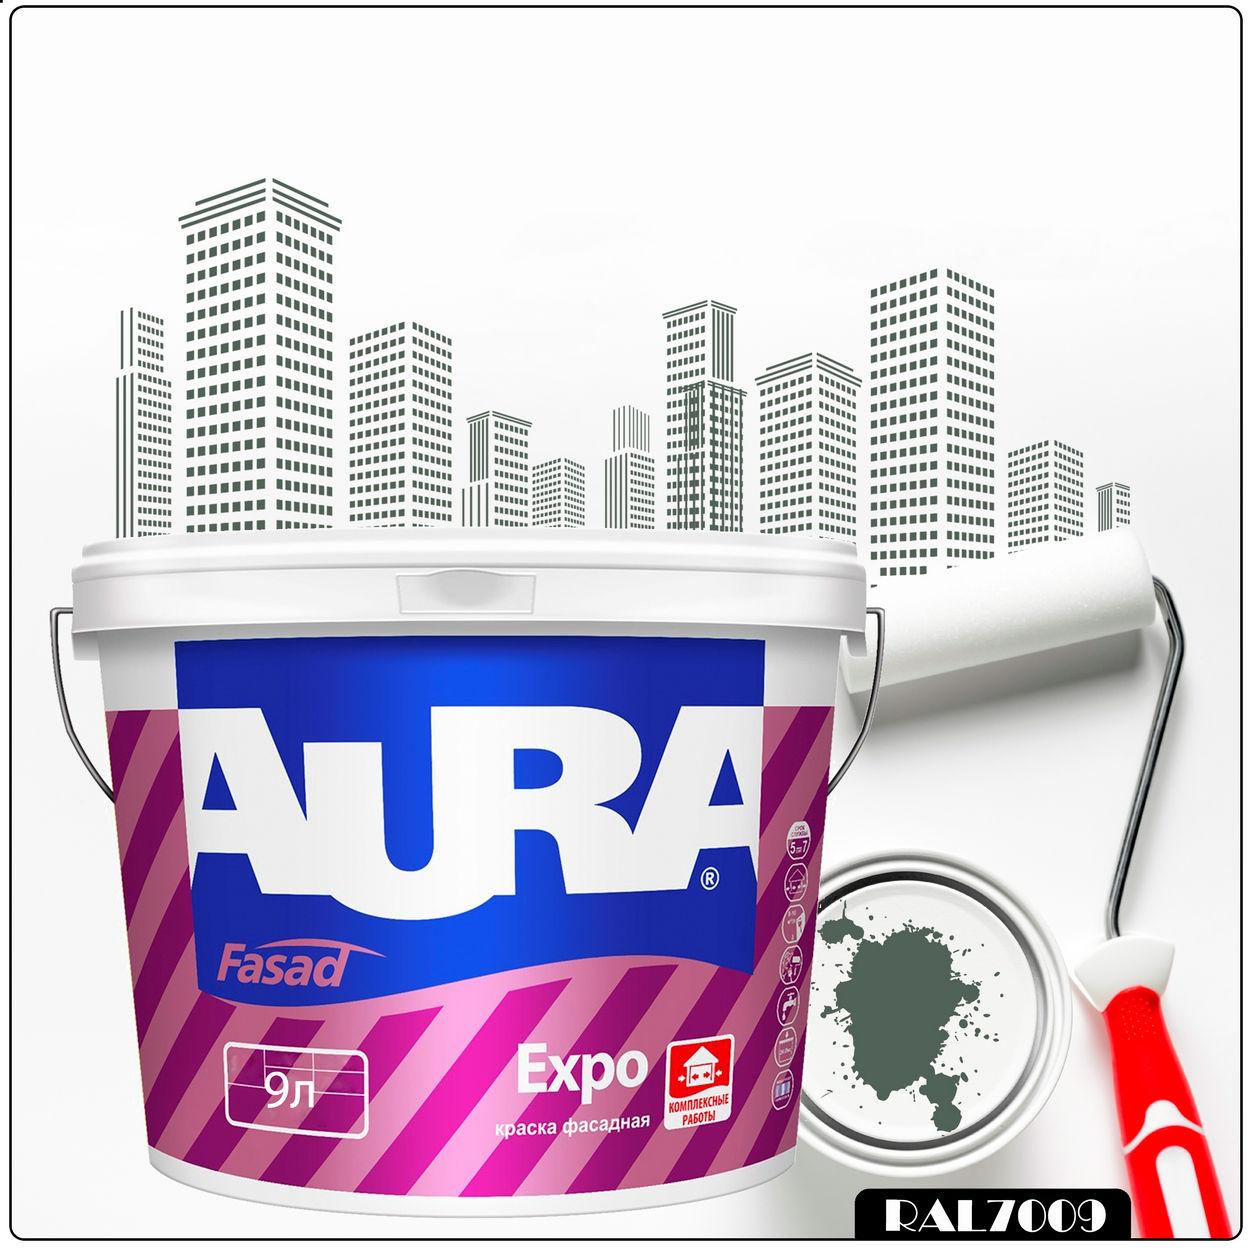 Фото 9 - Краска Aura Fasad Expo, RAL 7009 Зелёно-серый, матовая, для фасадов и помещений с повышенной влажностью, 9л.